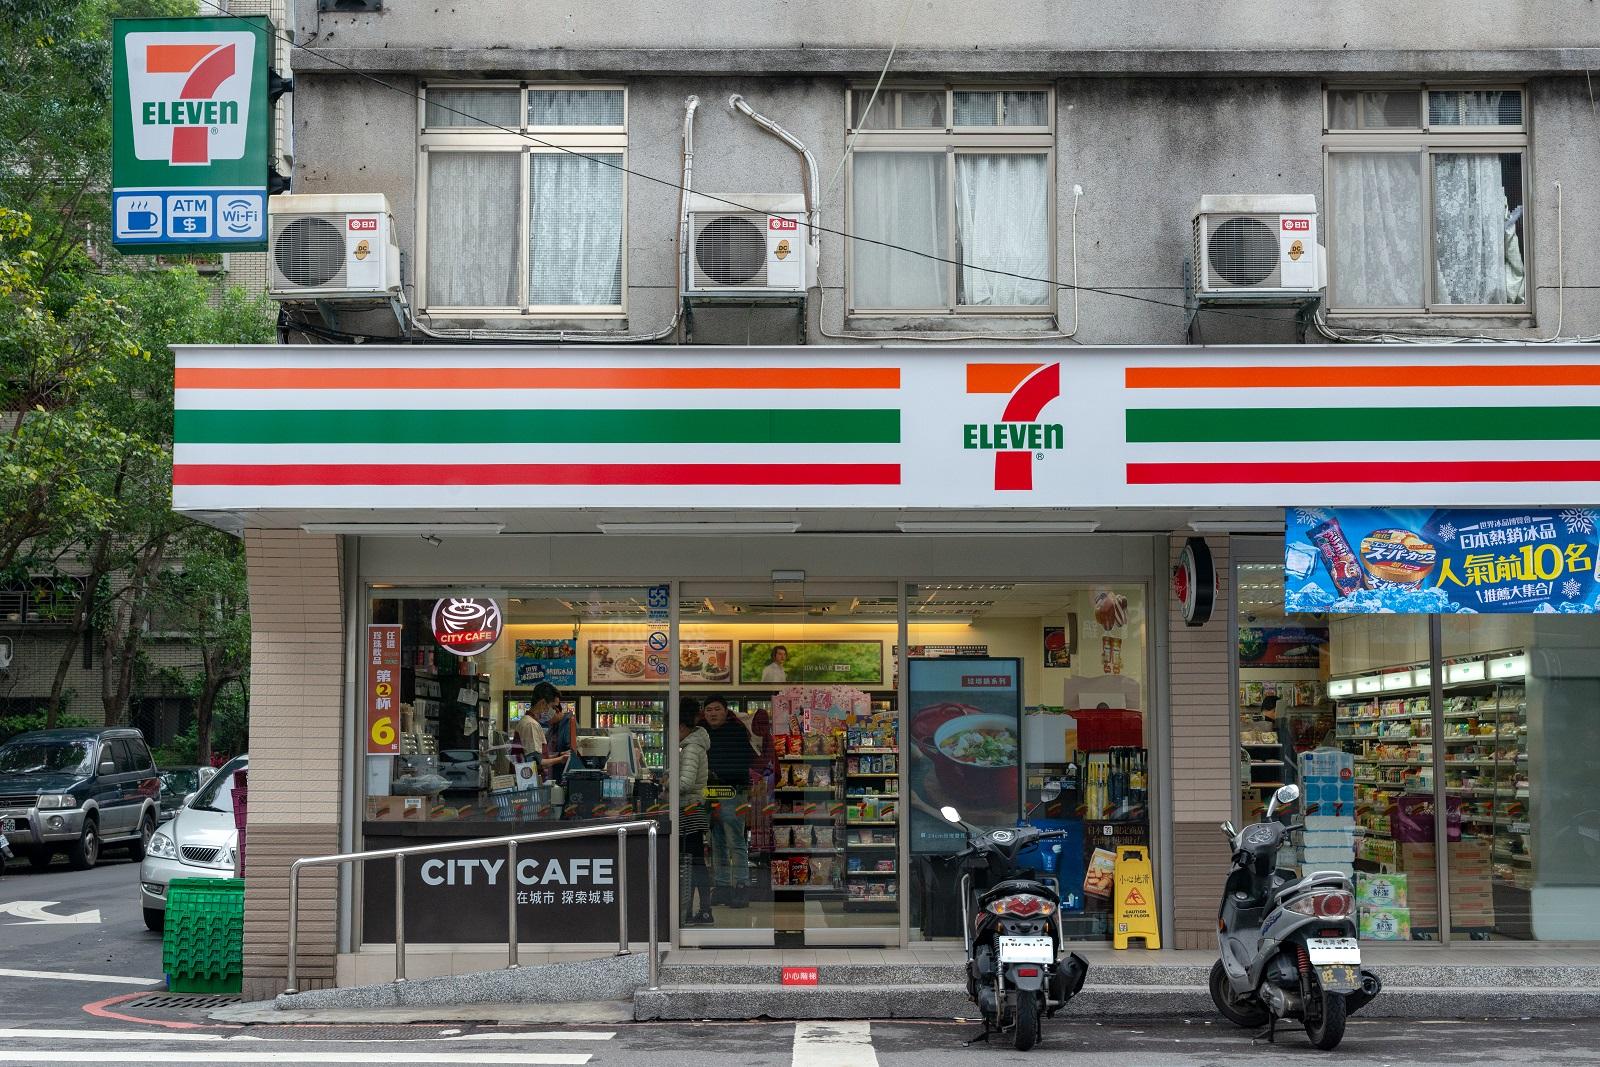 台灣便利商店密度超越日本,為何市場飽和危機相對小?專家揭「關鍵原因」